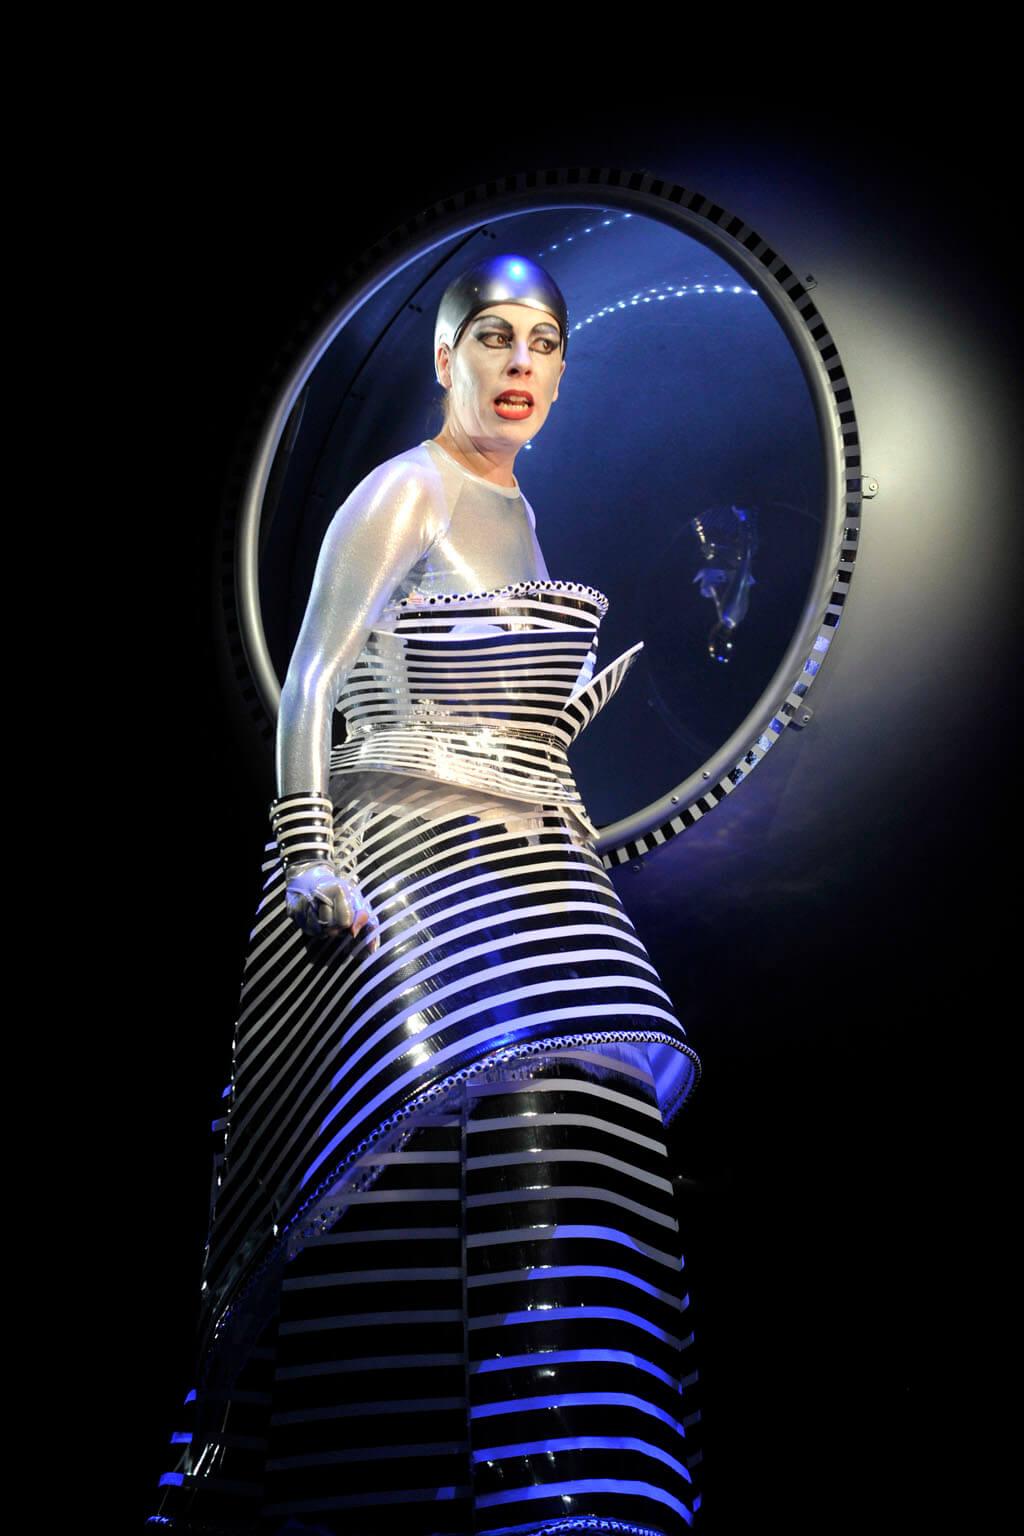 Audrey Luna en Reine de la nuit dans La Flûte enchantée, mise en scène de Robert Lepage. (Crédit: Louise Leblanc)